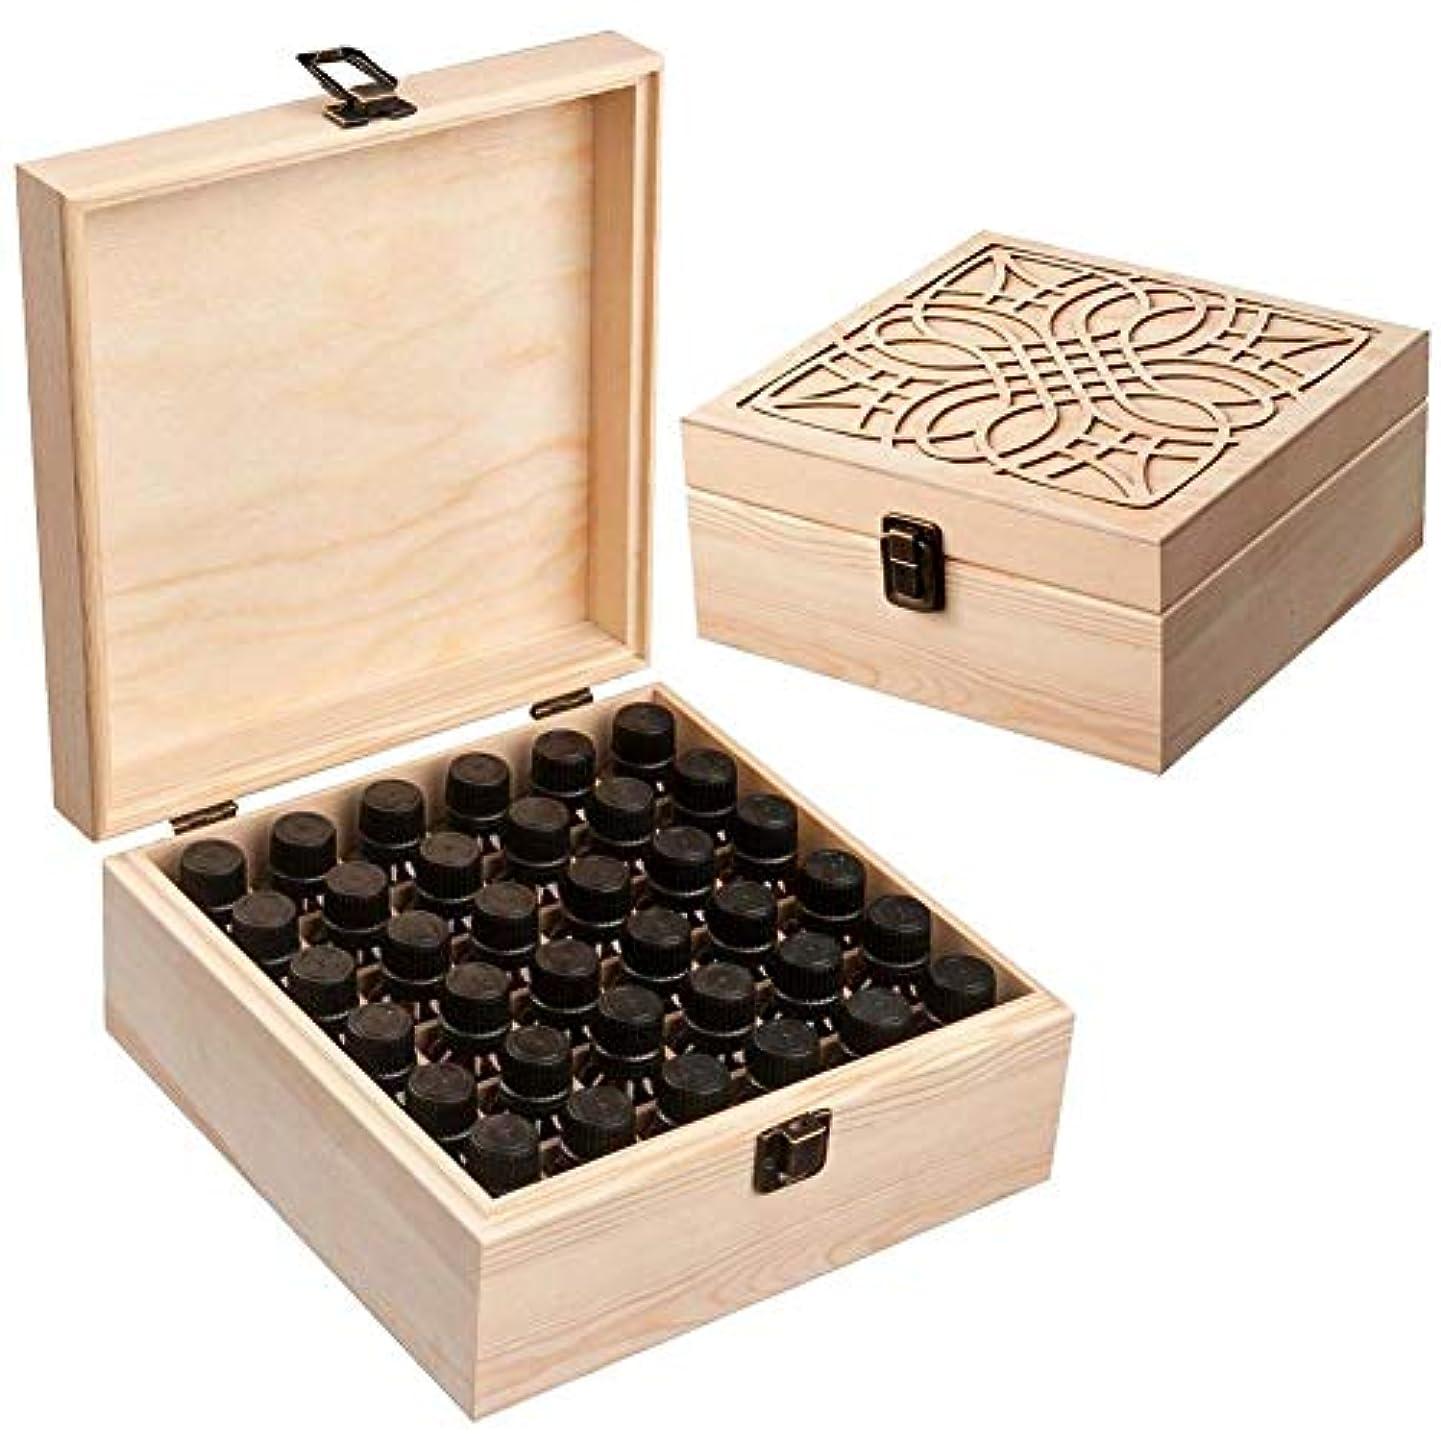 ほのか控えめな地域Newfashion エッセンシャルオイル収納ボックス 精油収納 アロマケース 木製 大容量 携帯便利 オイルボックス 飾り物 36本用